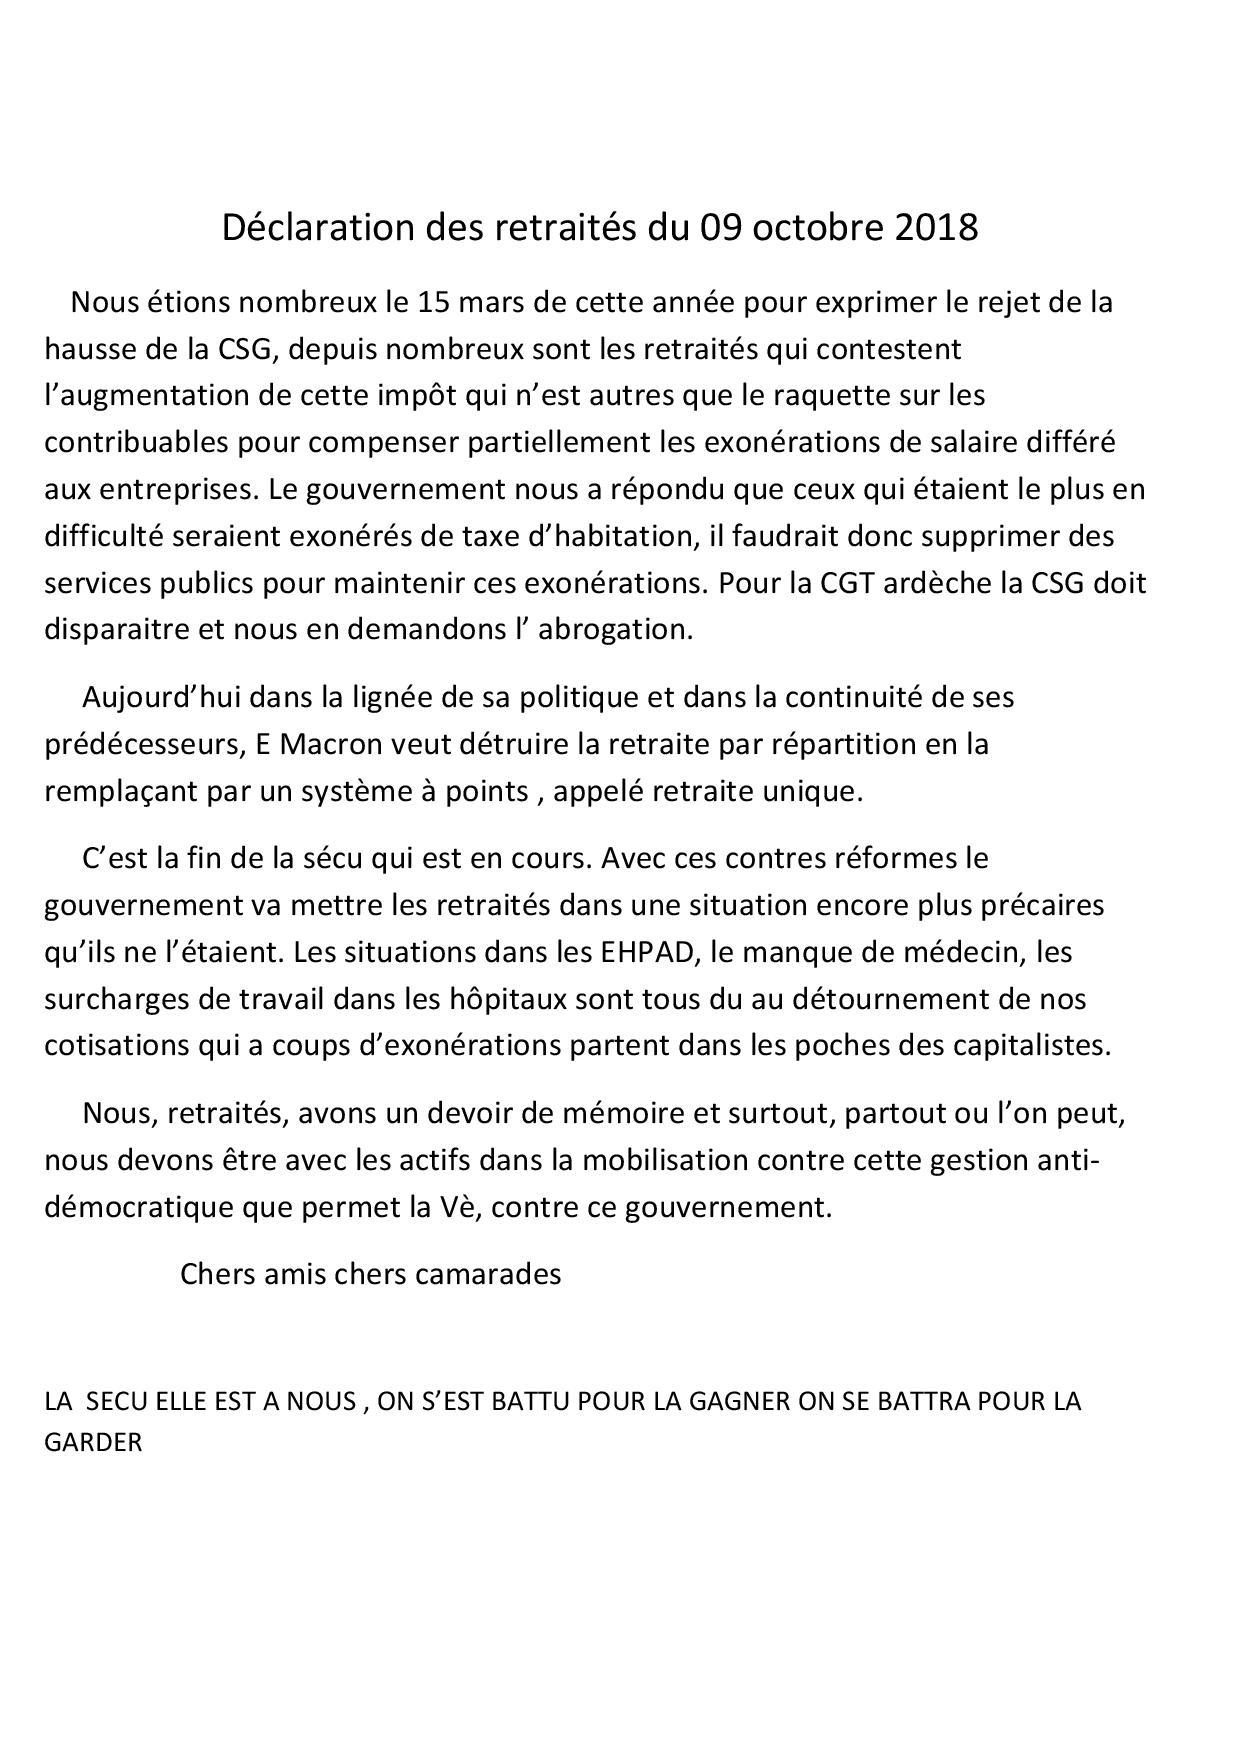 Declaration des retraites du 09 octobre 2018 page 001